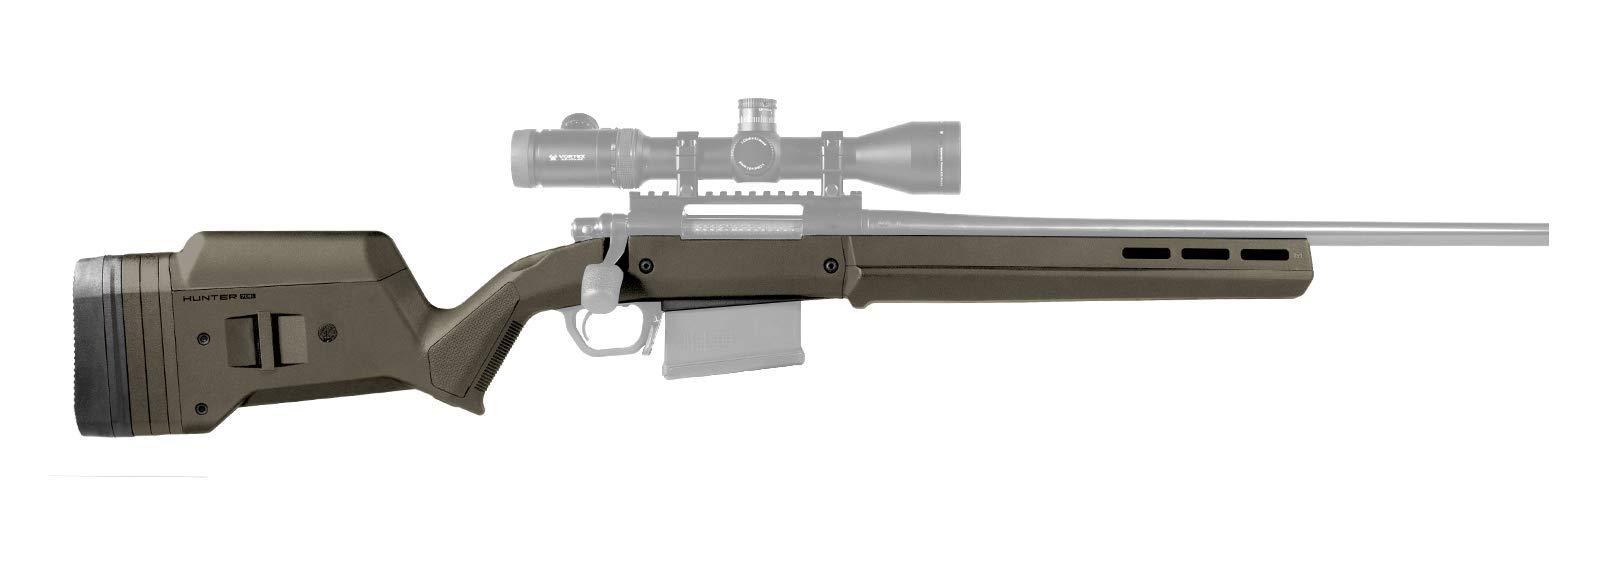 Magpul Hunter 700L Remington 700 Long Action Fixed Stock, Olive Drab Green by Magpul